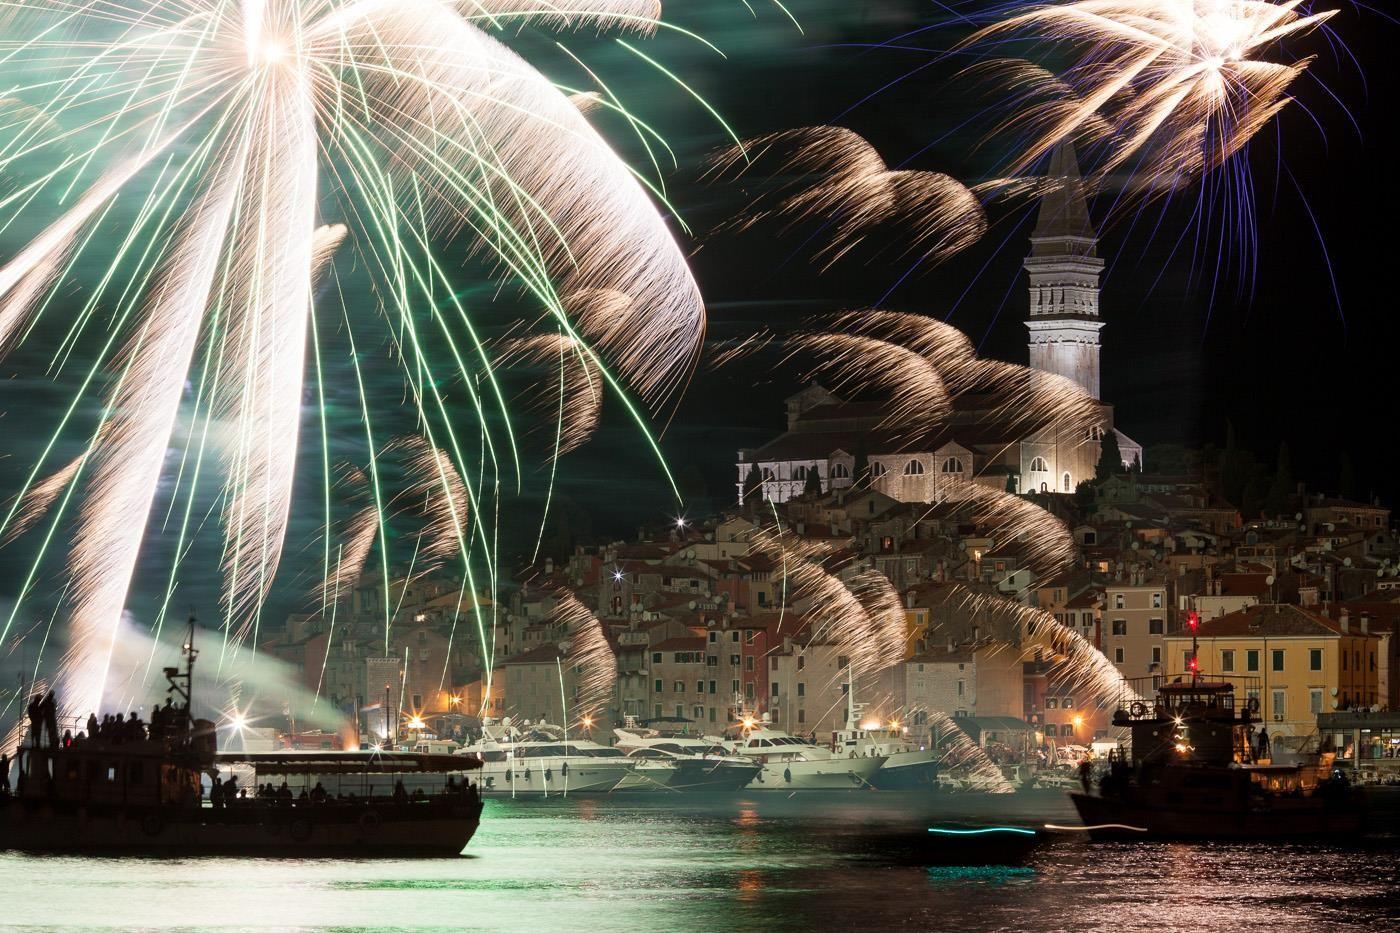 SOMMERFESTIVAL! am 27. & 28. August geht in #Rovinj die Post ab... nicht verpassen! www.istrien-pur.com